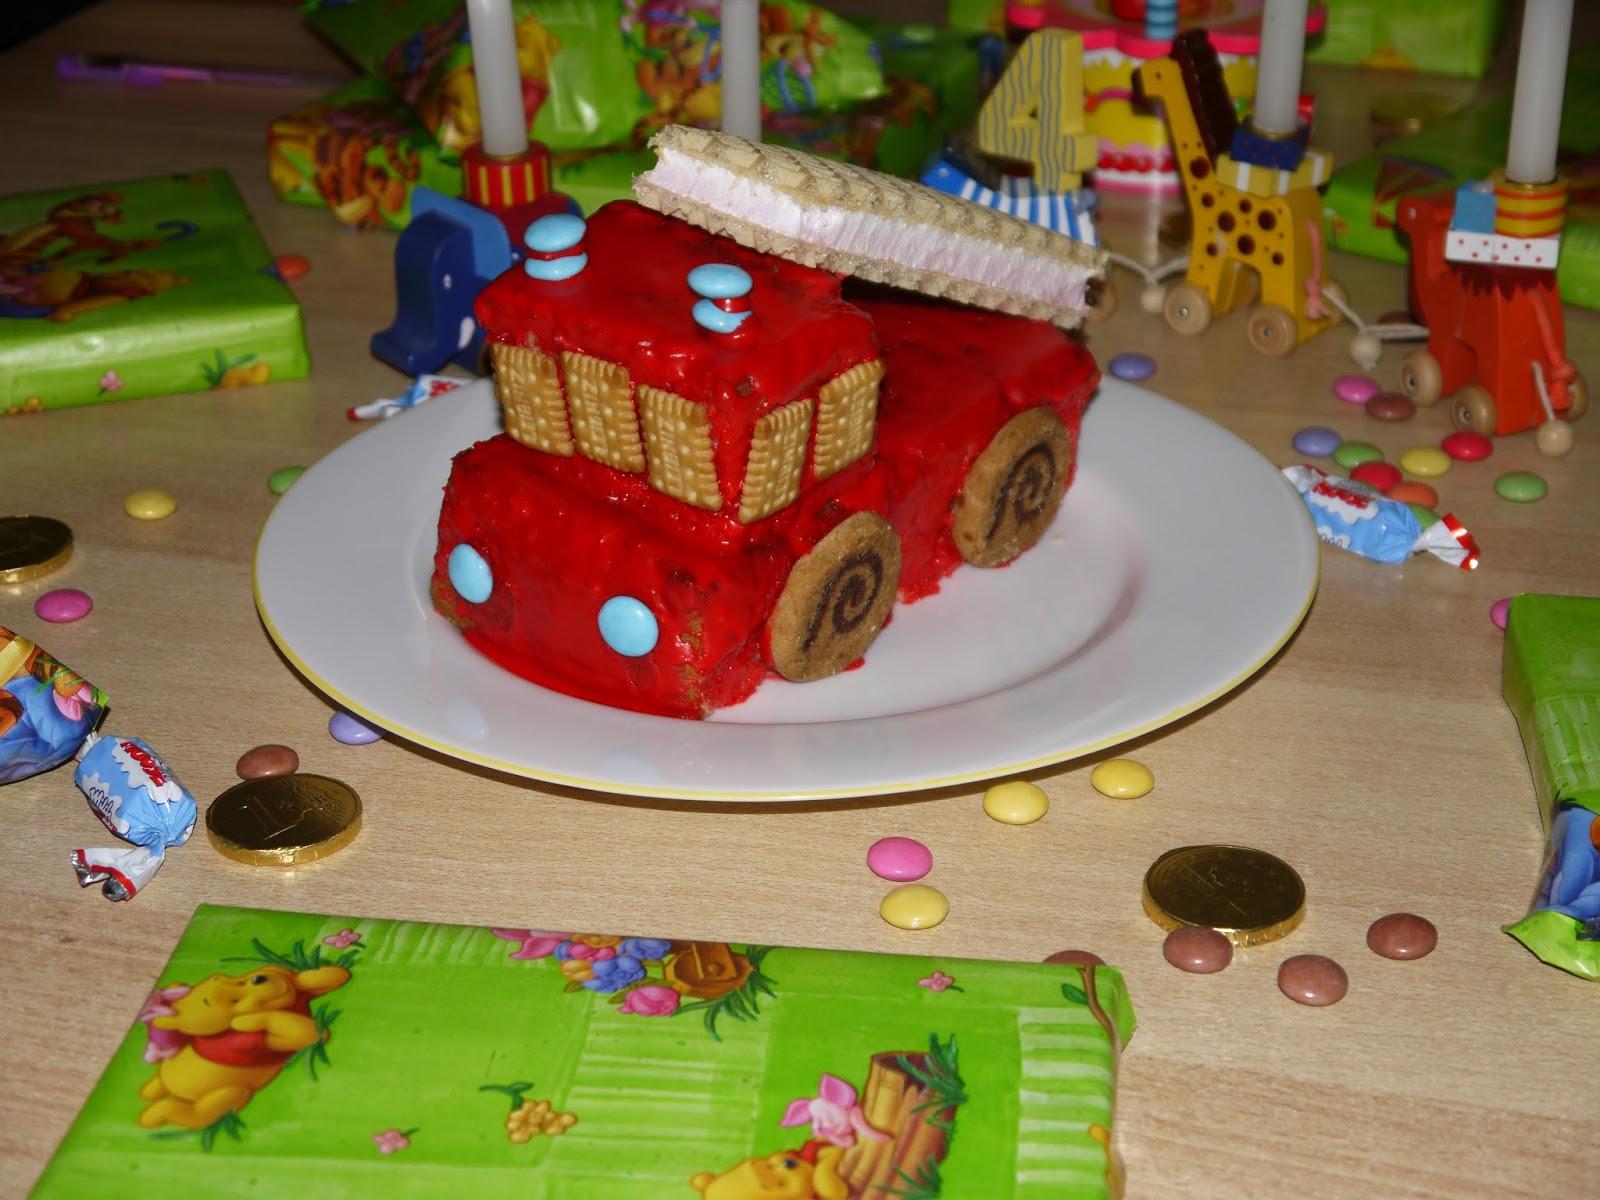 Kuchen Kinder Feuerwehr Children 39s Cakes Brilliant Bakery Fire